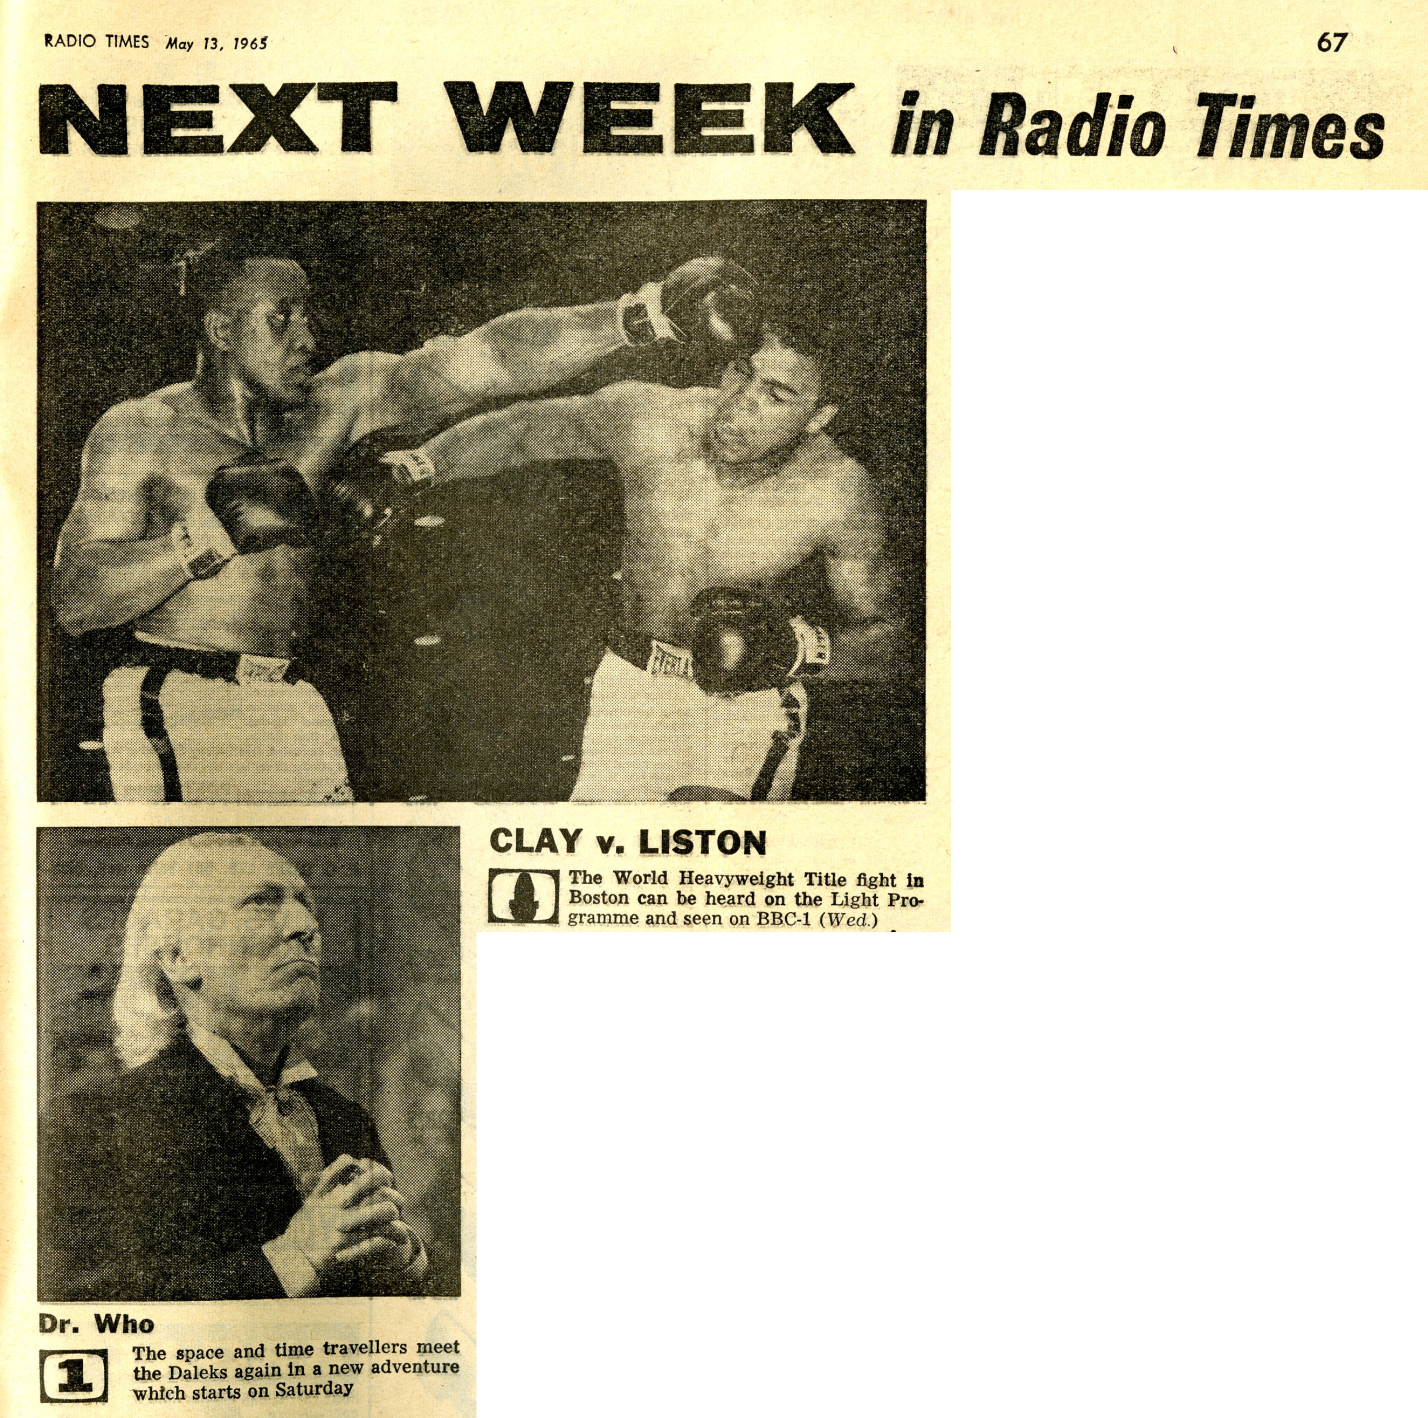 Radio Times, May 15-21, 1965